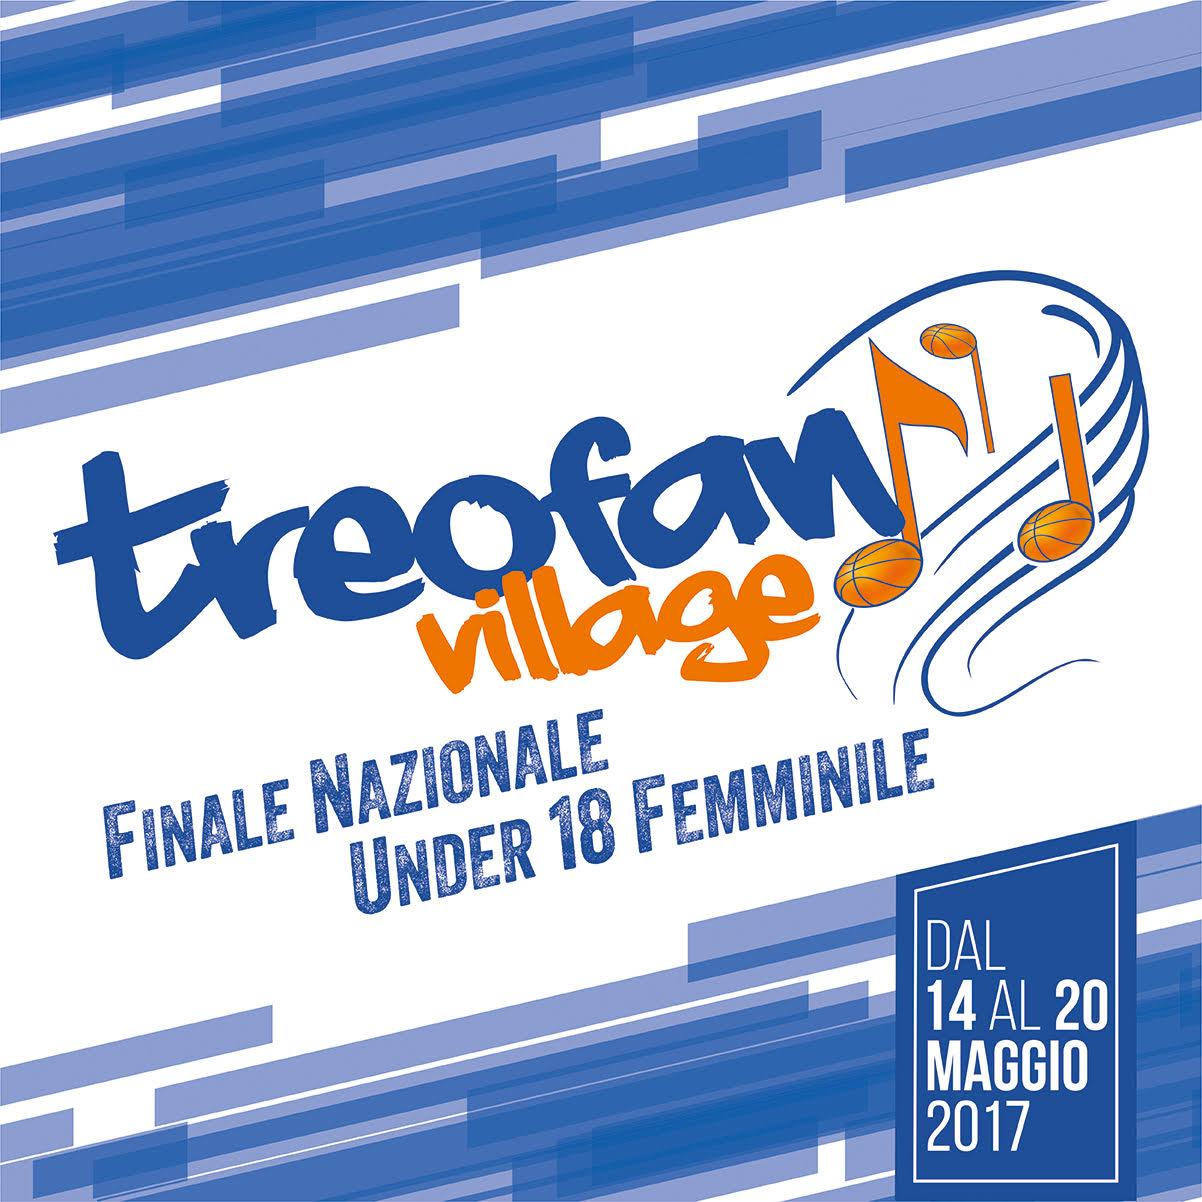 Treofan Village